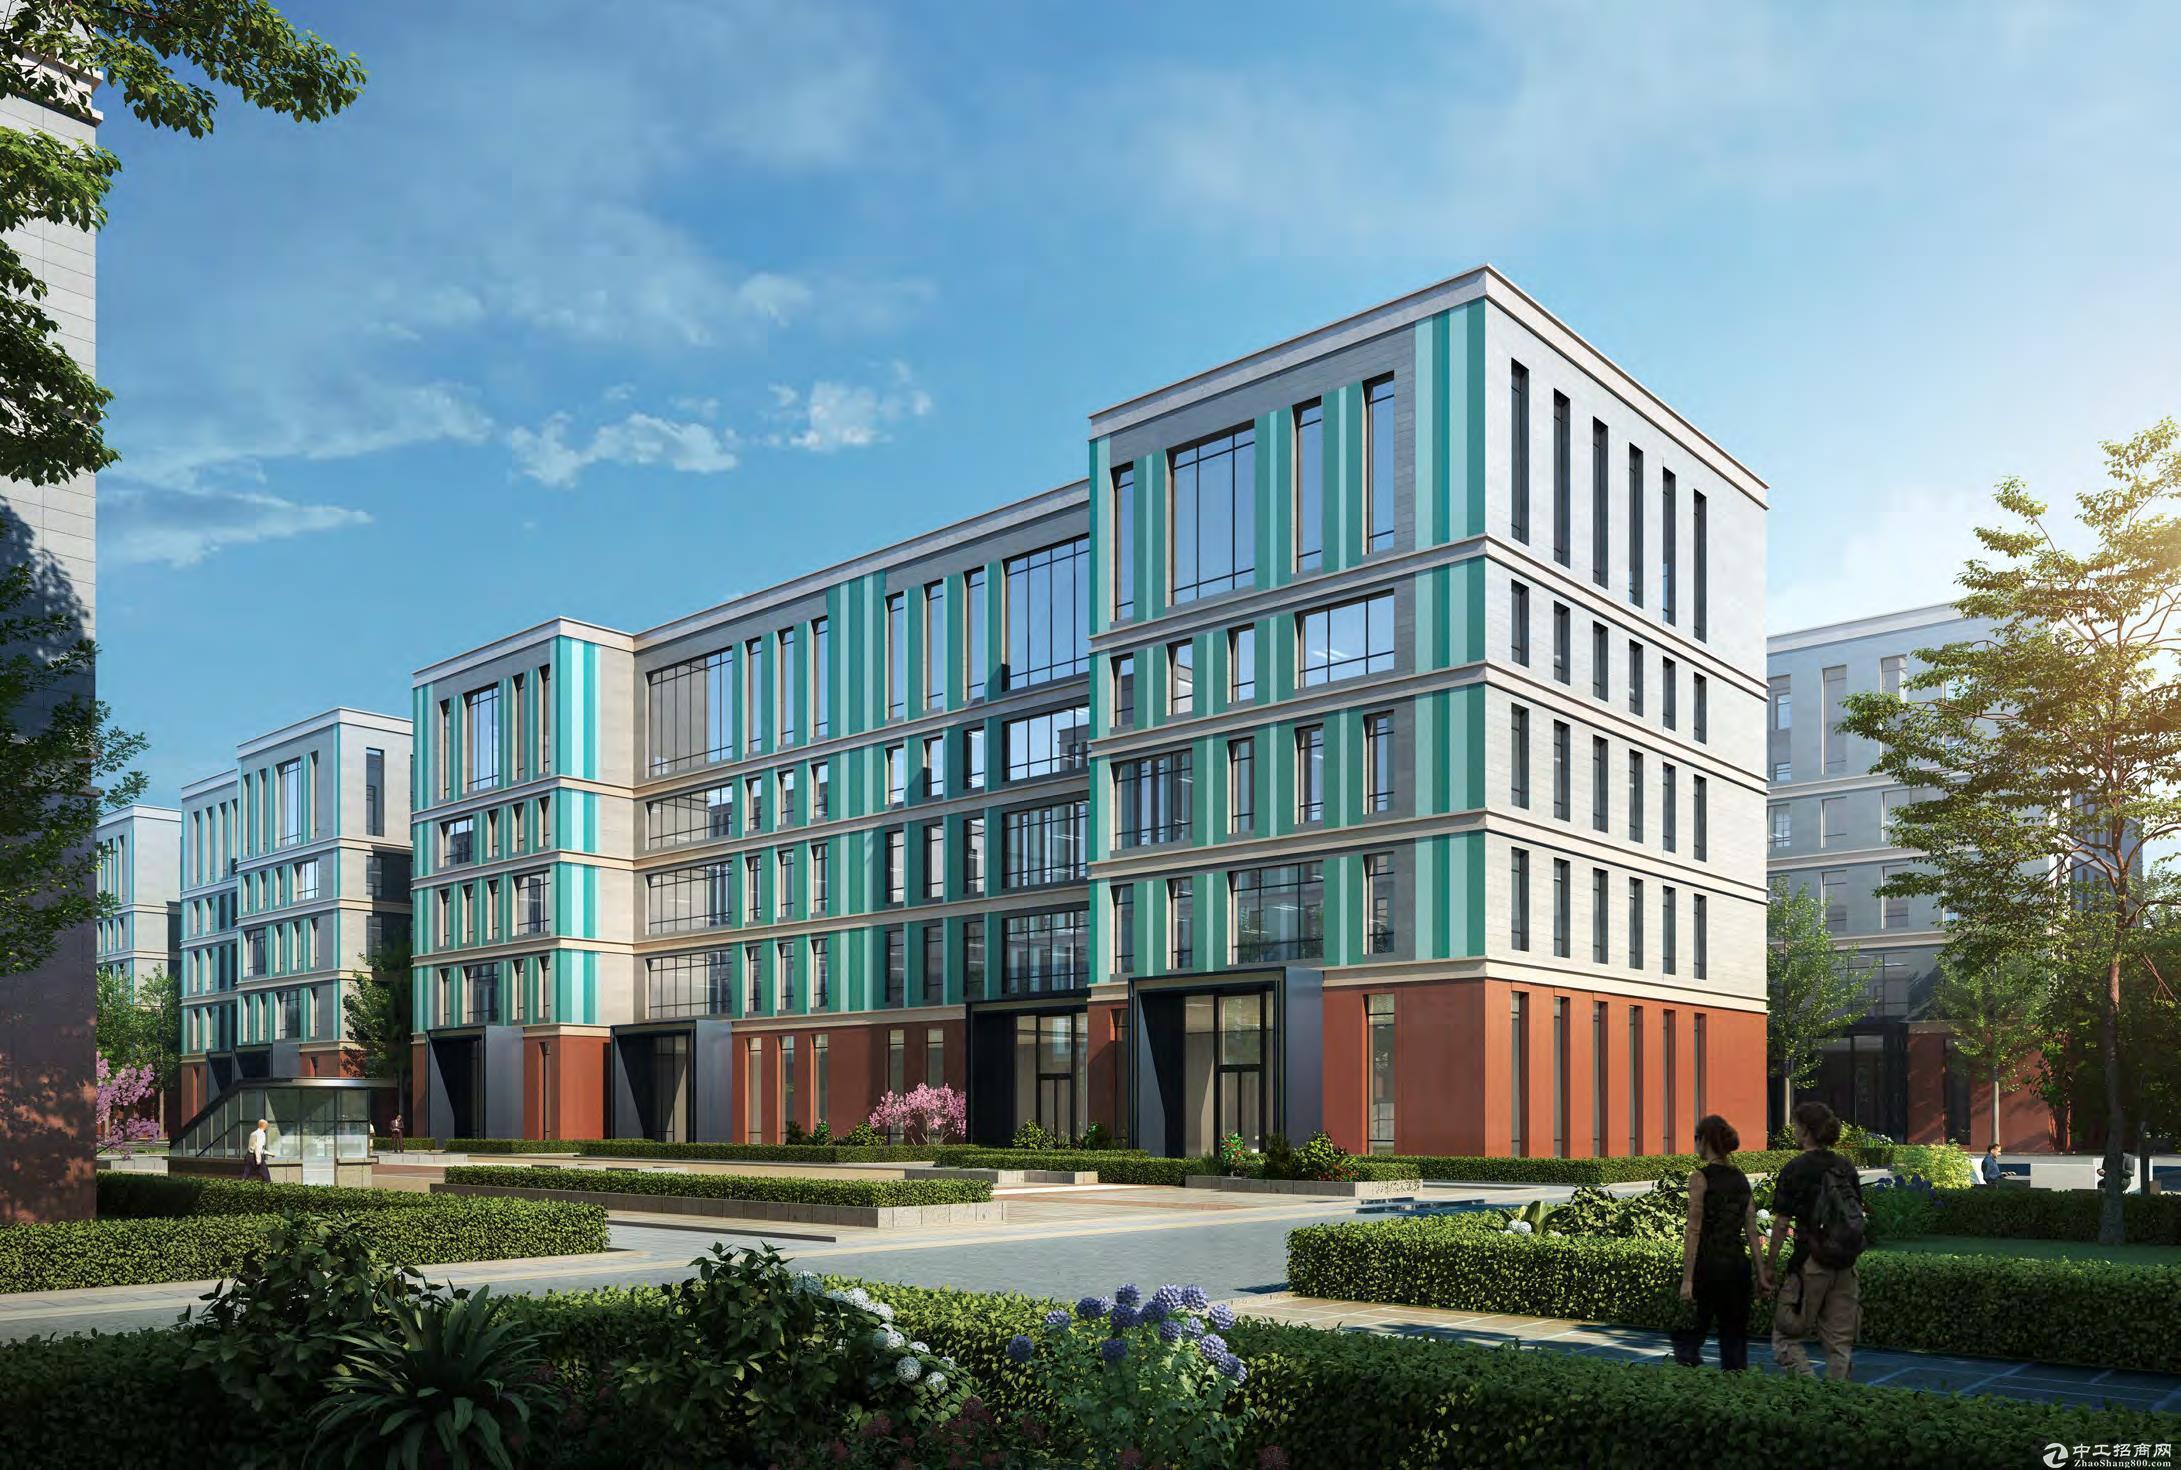 (出售) 高新技术产业园区300至6000平米 有房本 可贷款-图3